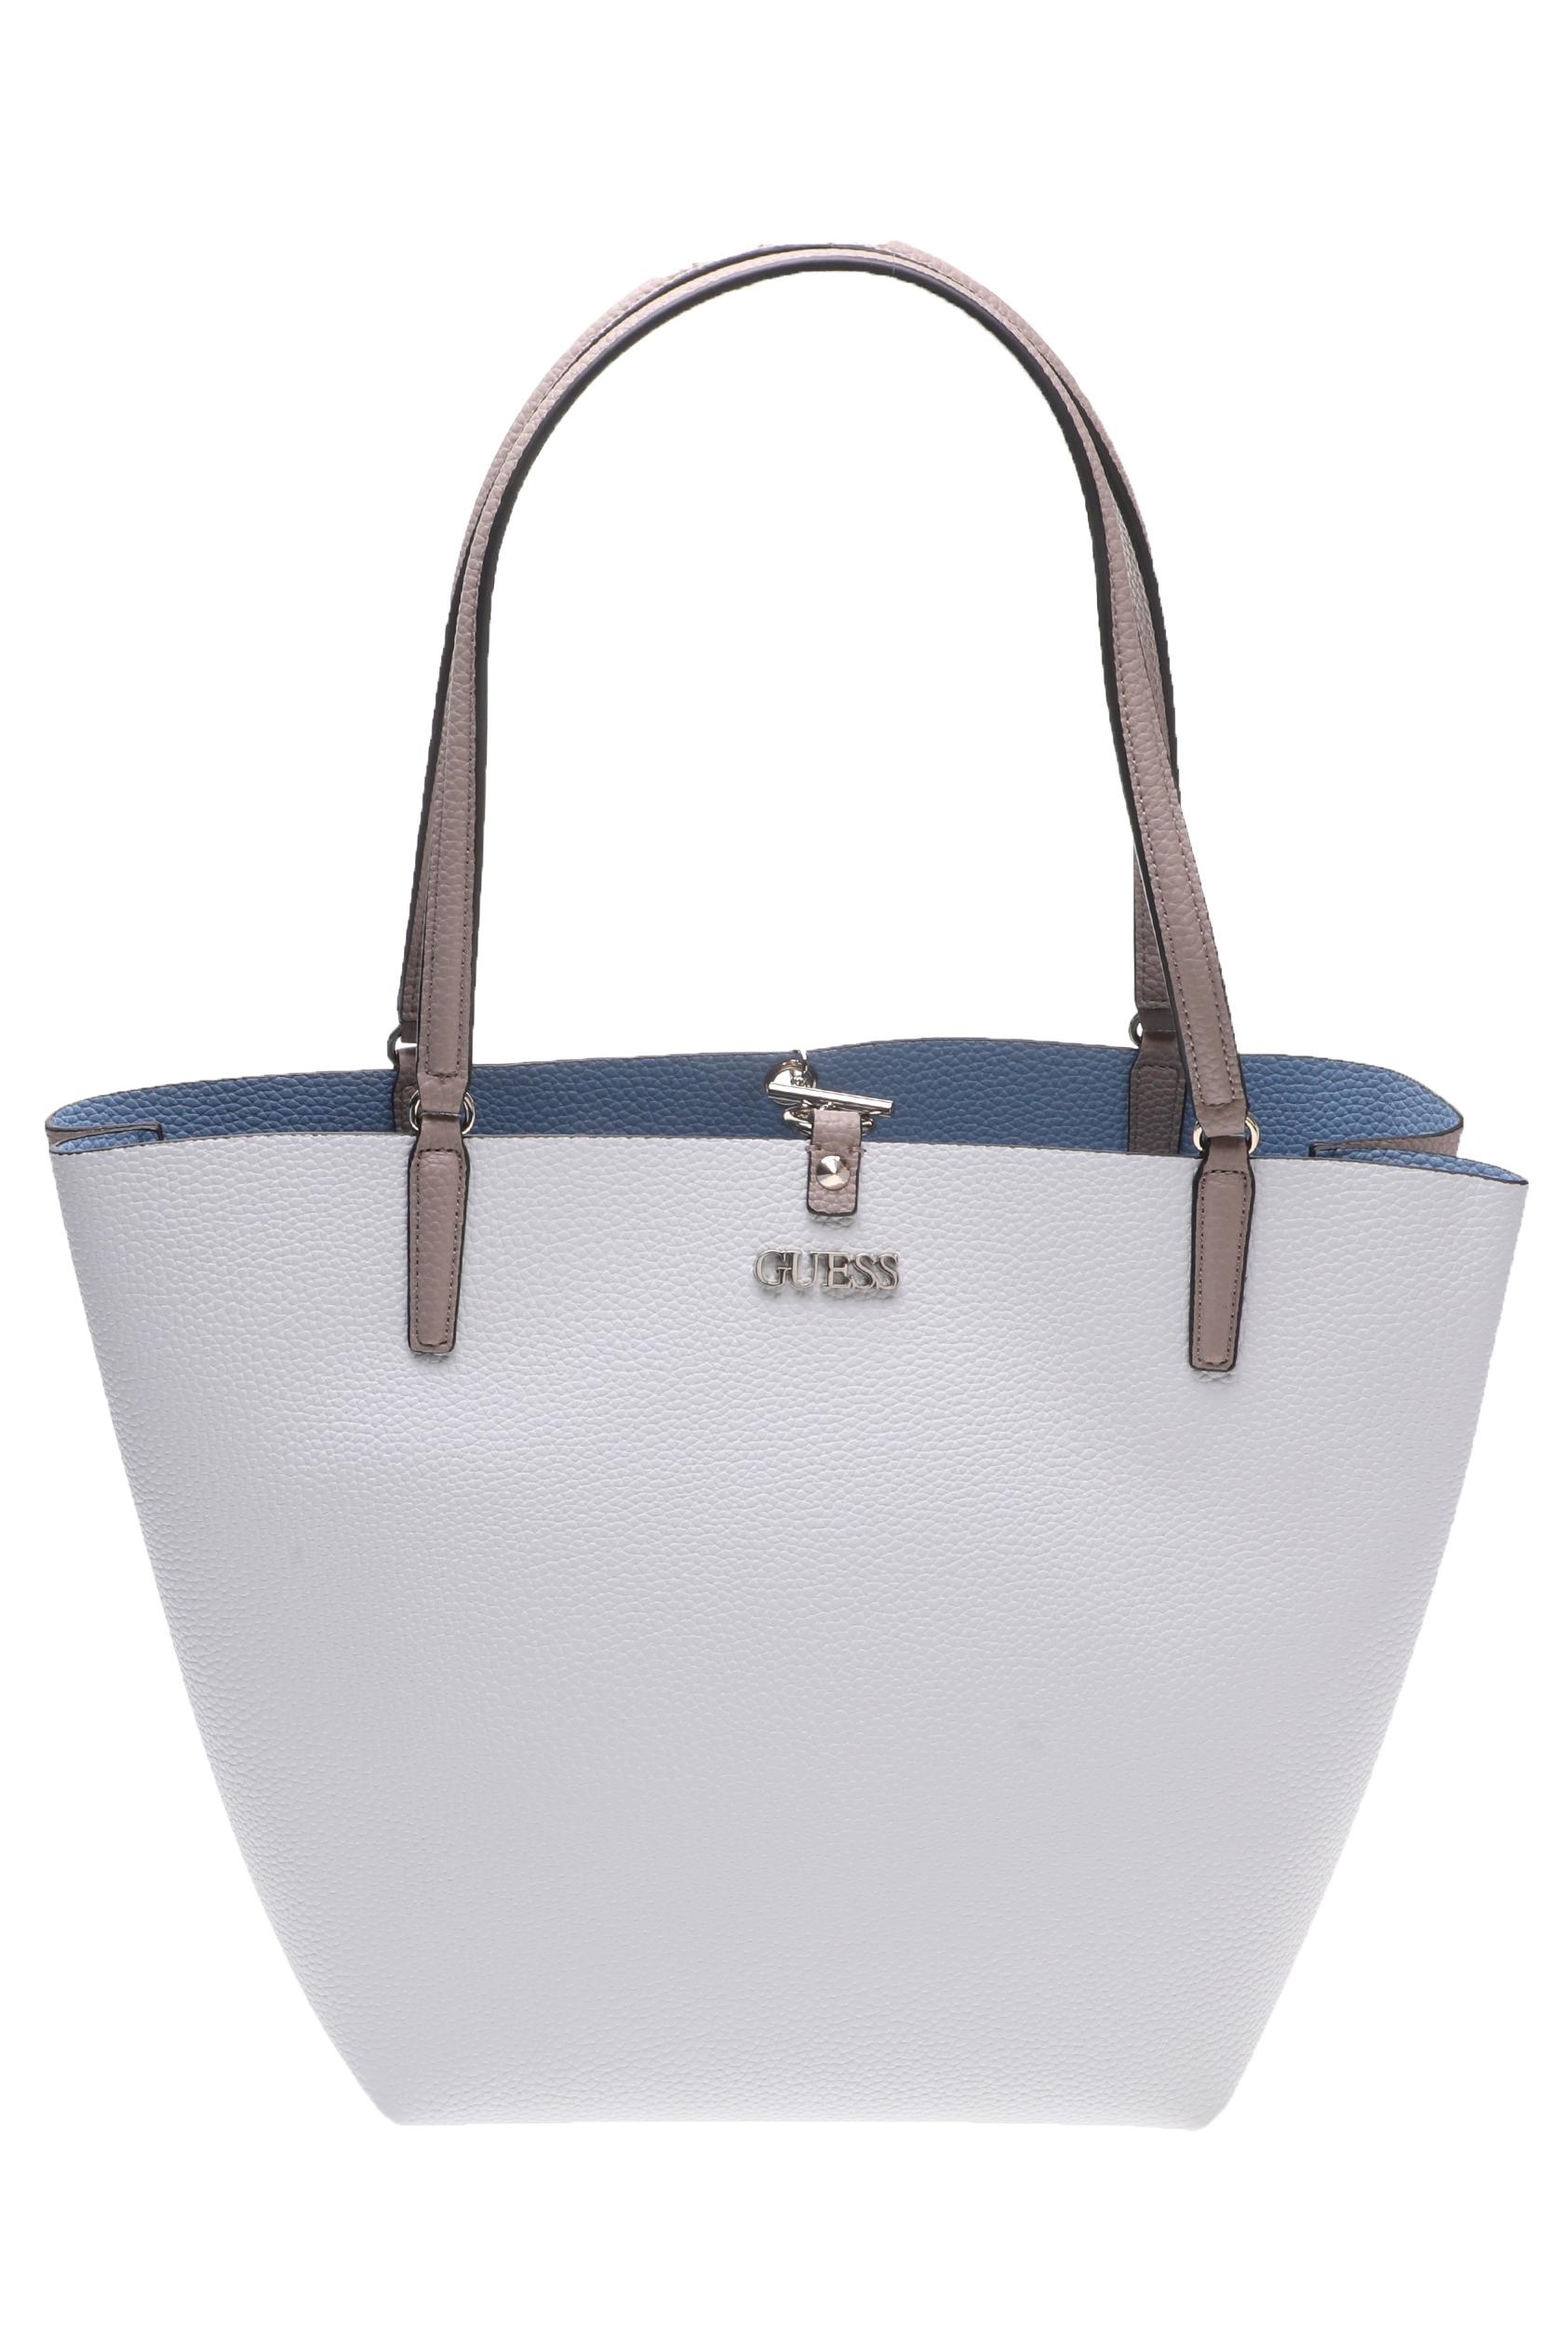 GUESS - Γυναικεία τσάντα ώμου ALBY TOGGLE TOTE λευκή γυναικεία αξεσουάρ τσάντες σακίδια χειρός